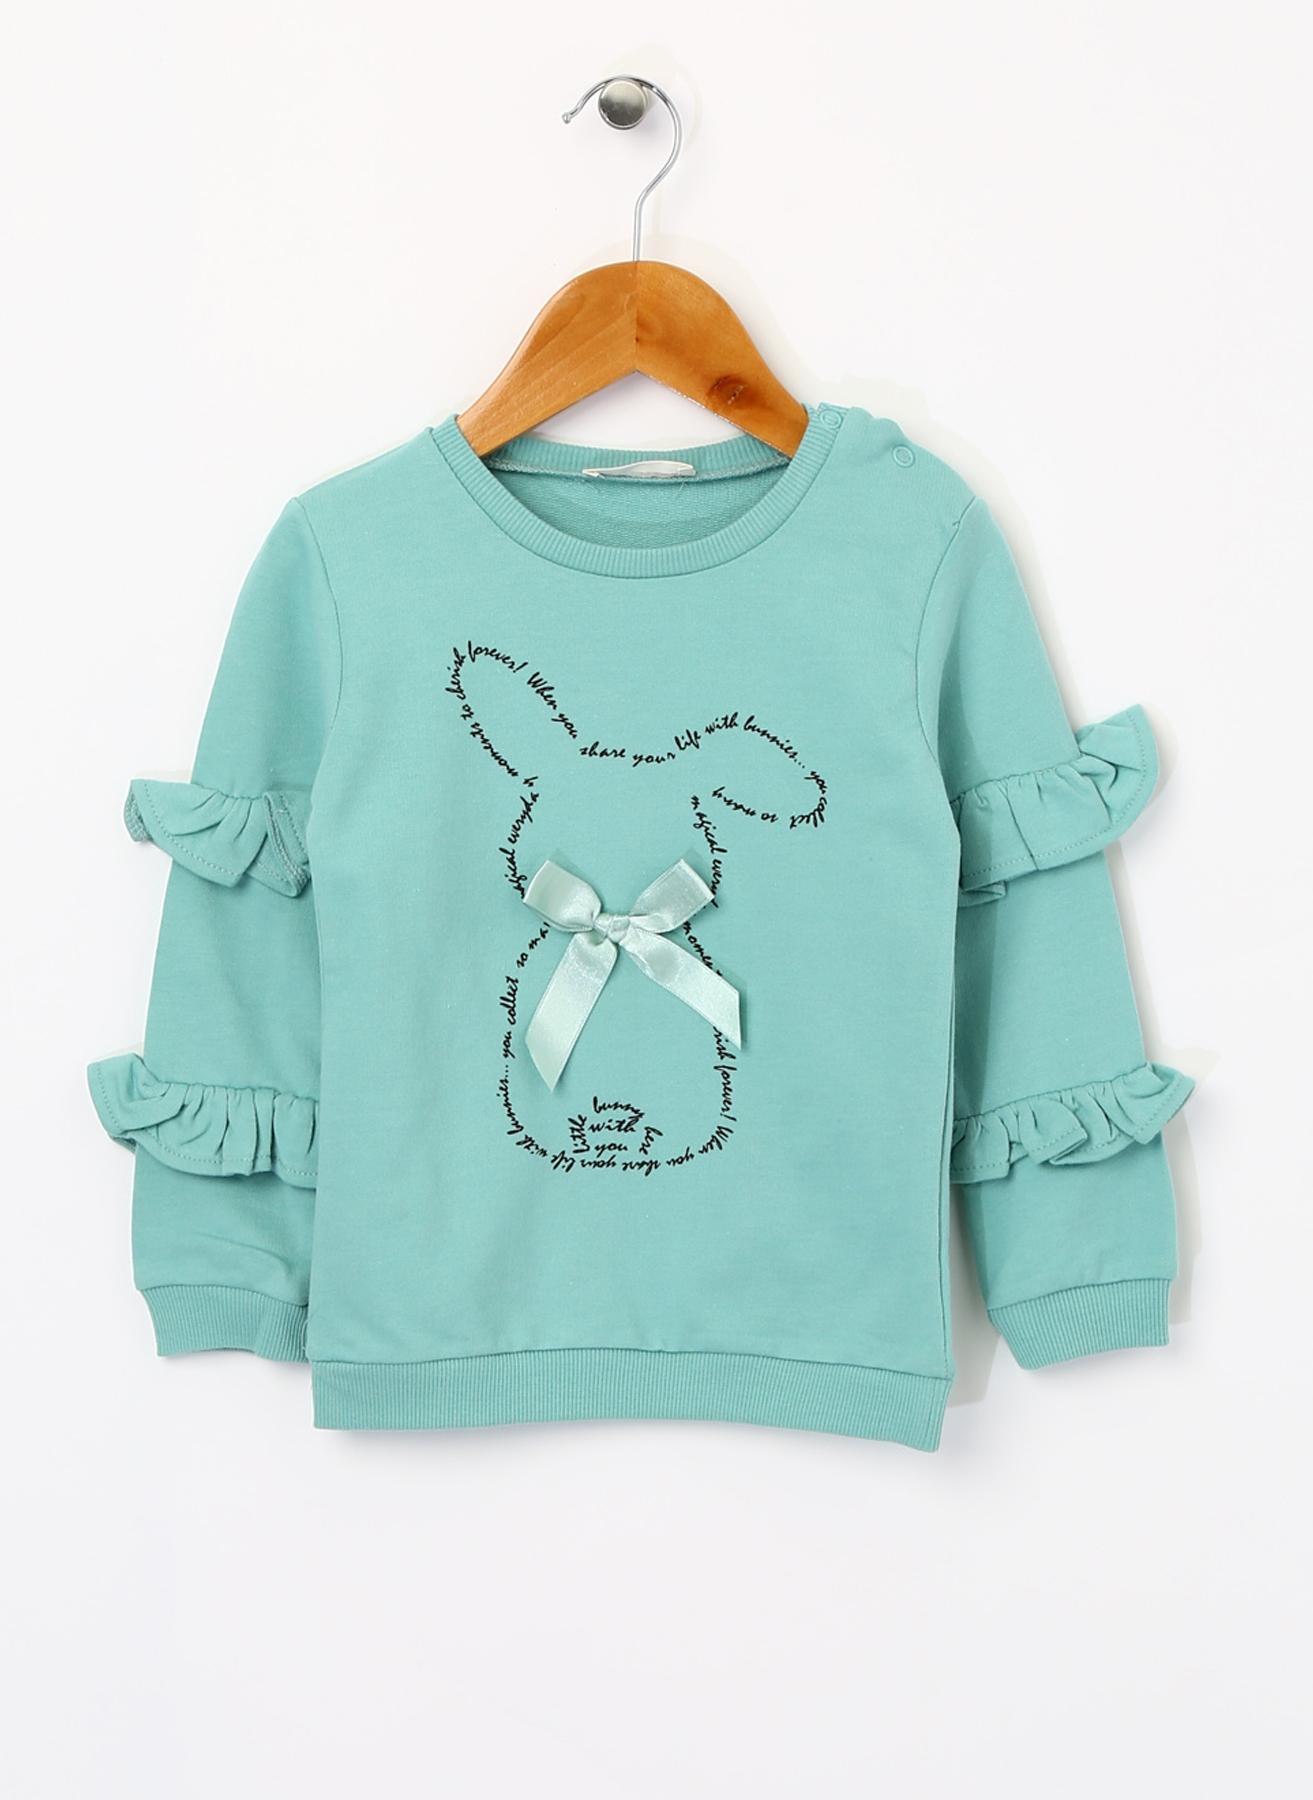 Mammaramma Kız Bebek Tavşan BaskılI Mint Sweatshirt 2 Yaş 5001822175001 Ürün Resmi